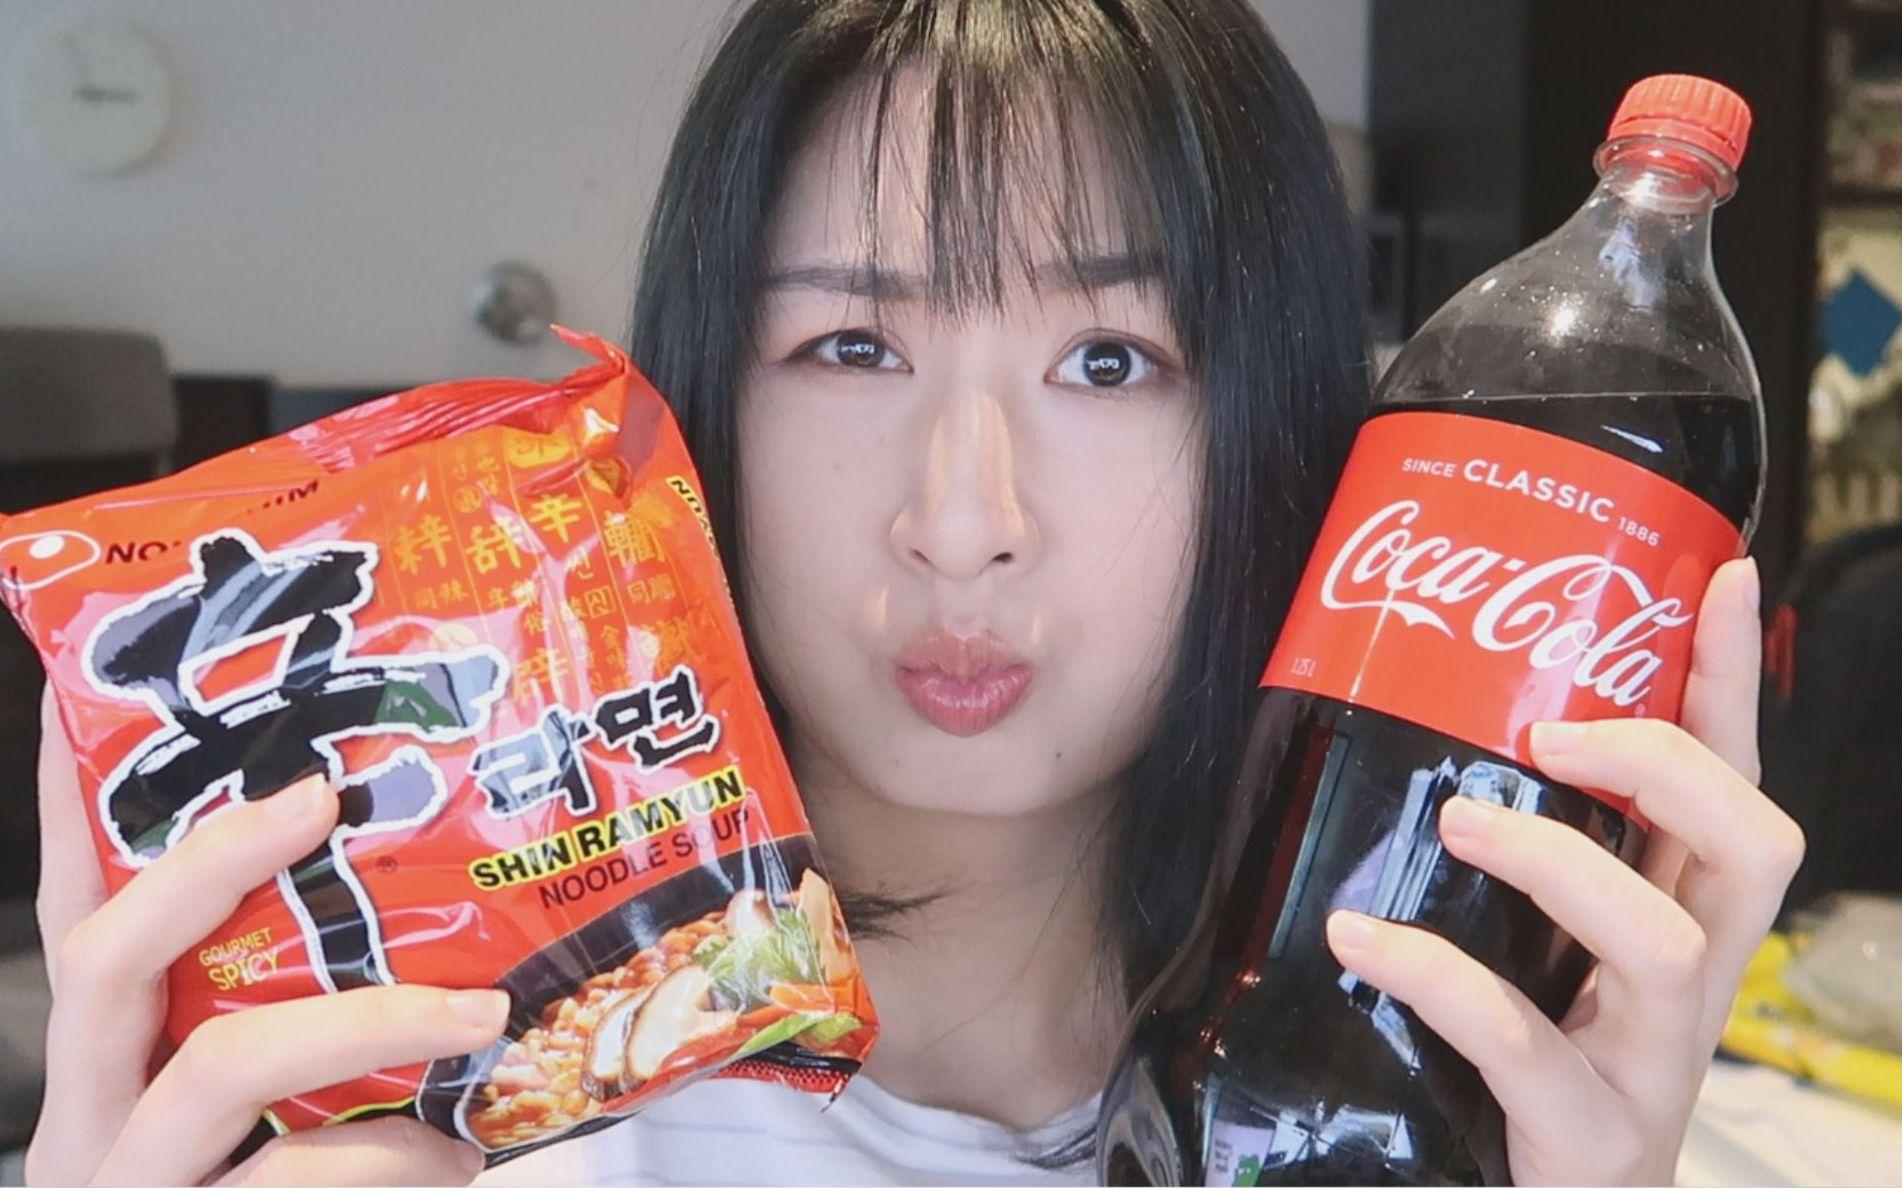 妆发相机_【Nya酱】网上据说很好吃的可乐牛奶泡面到底啥味儿?_哔哩哔哩 ...